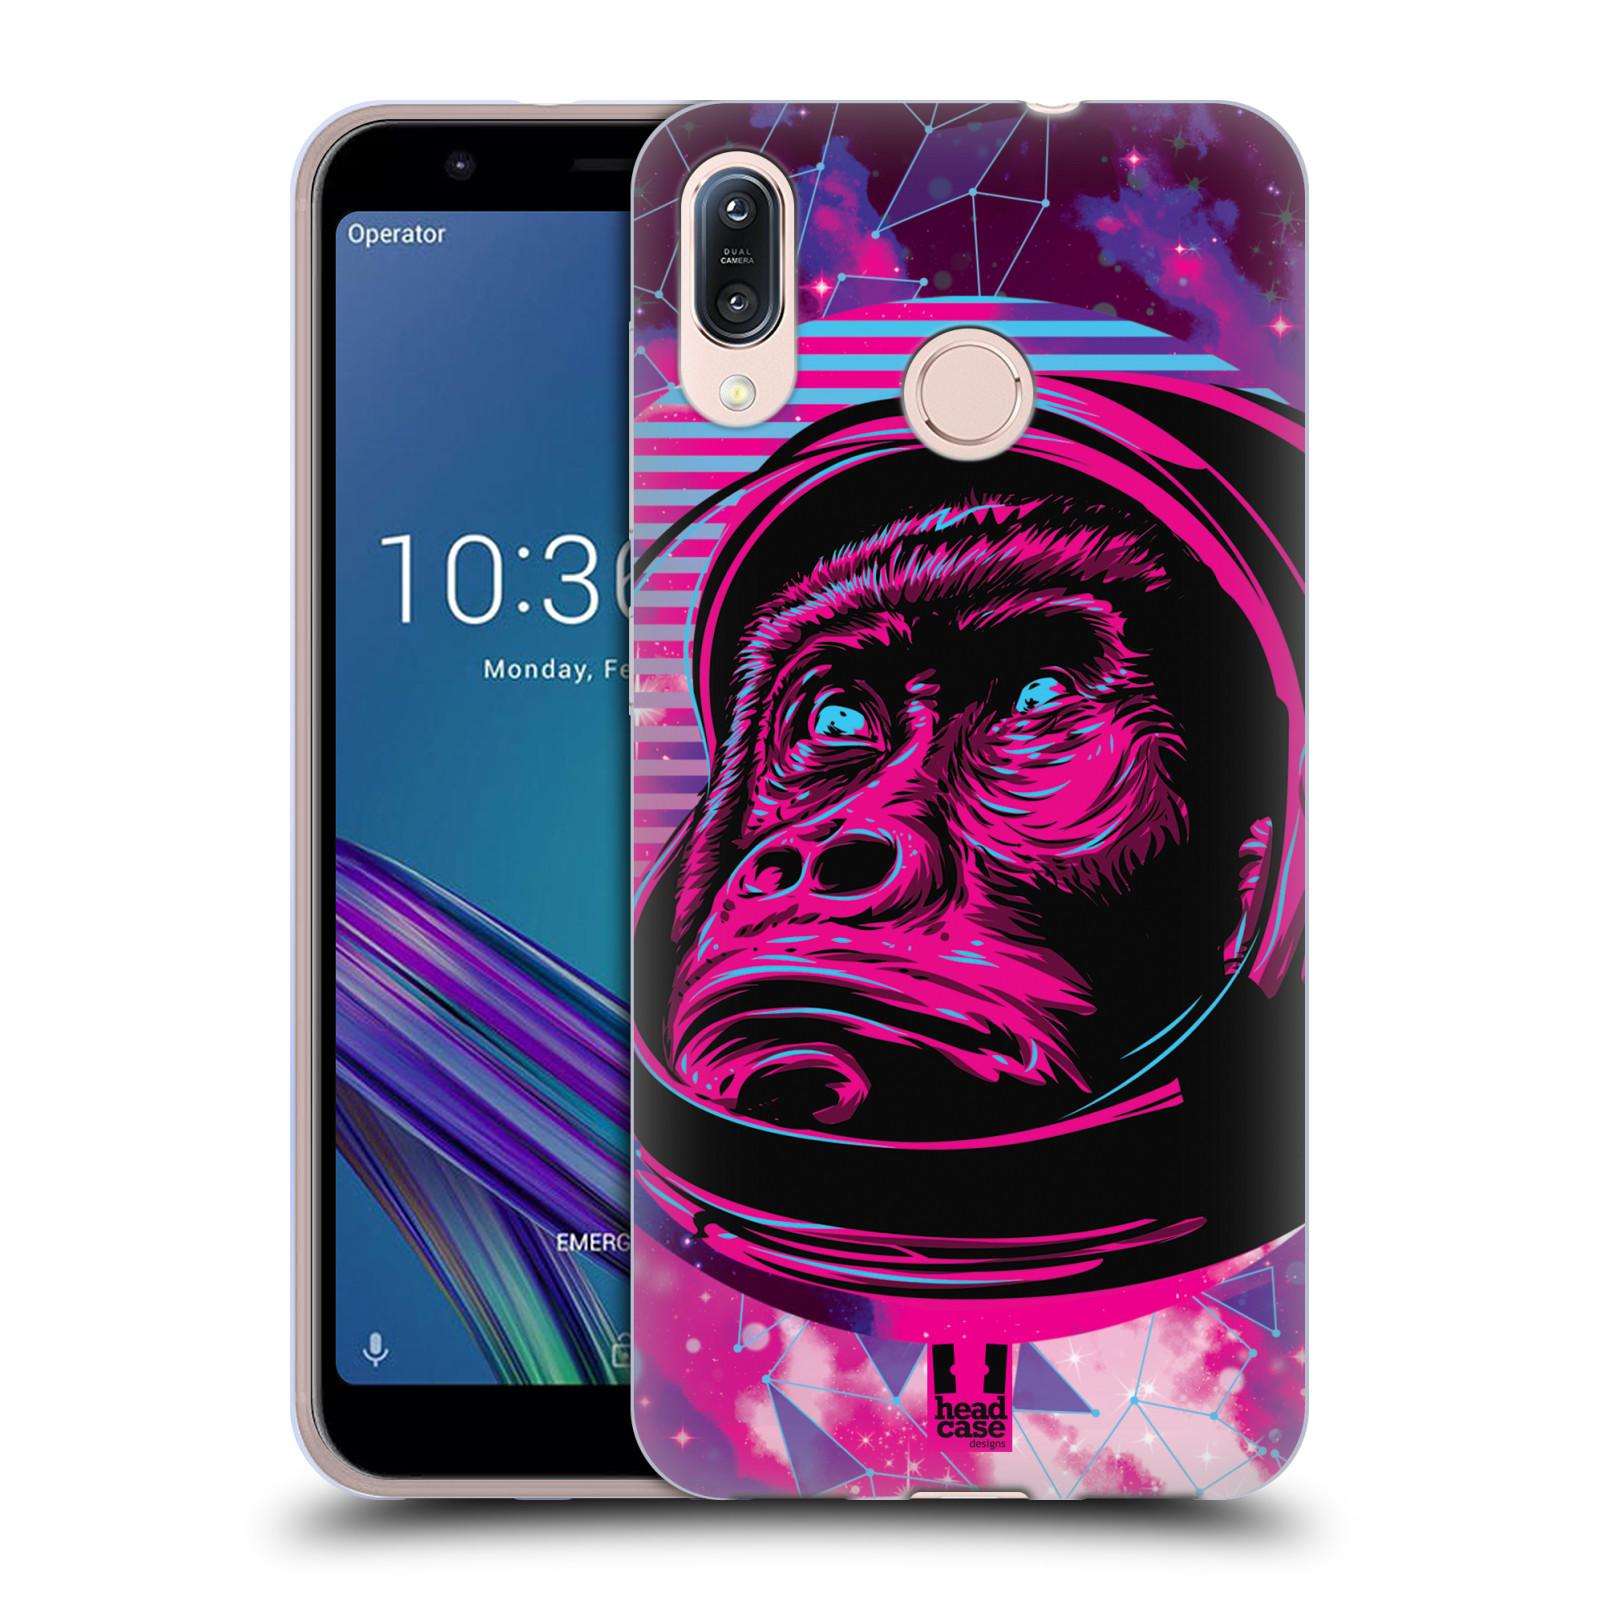 Silikonové pouzdro na mobil Asus Zenfone Max M1 ZB555KL - Head Case - Gorila ve skafandru